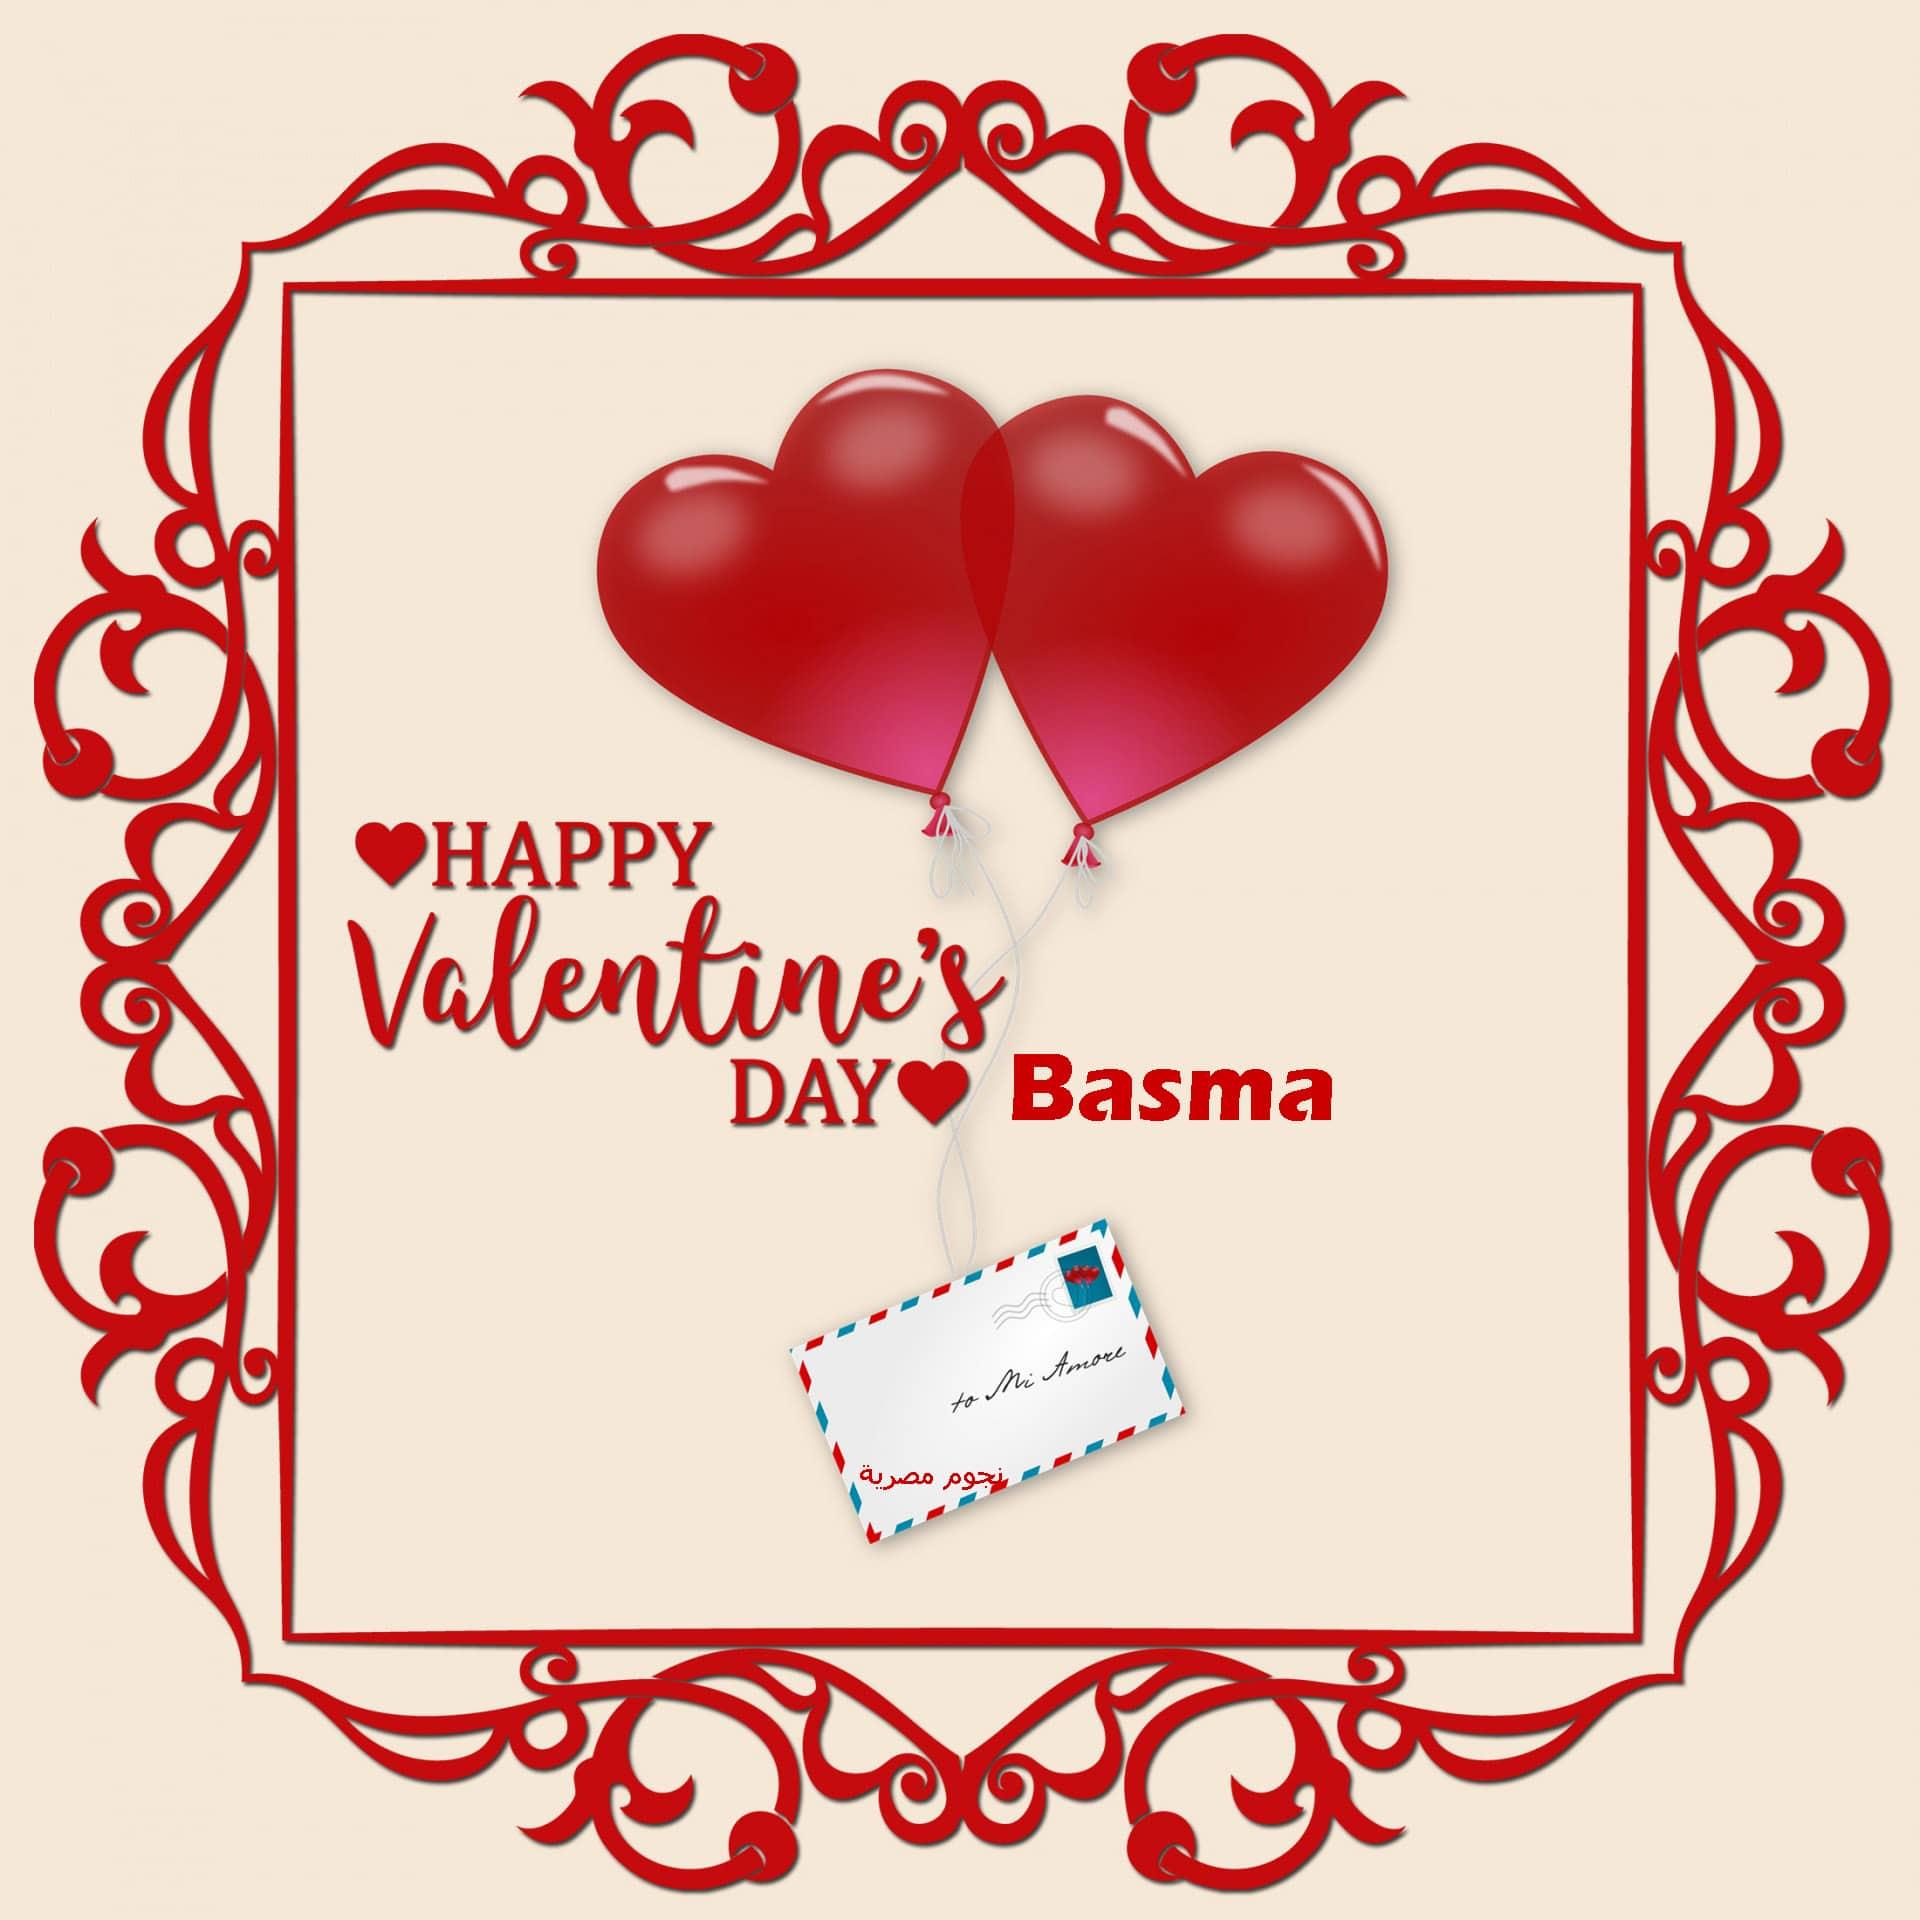 بالصور رسائل عن الحب , صور لعيد الحب 5203 8